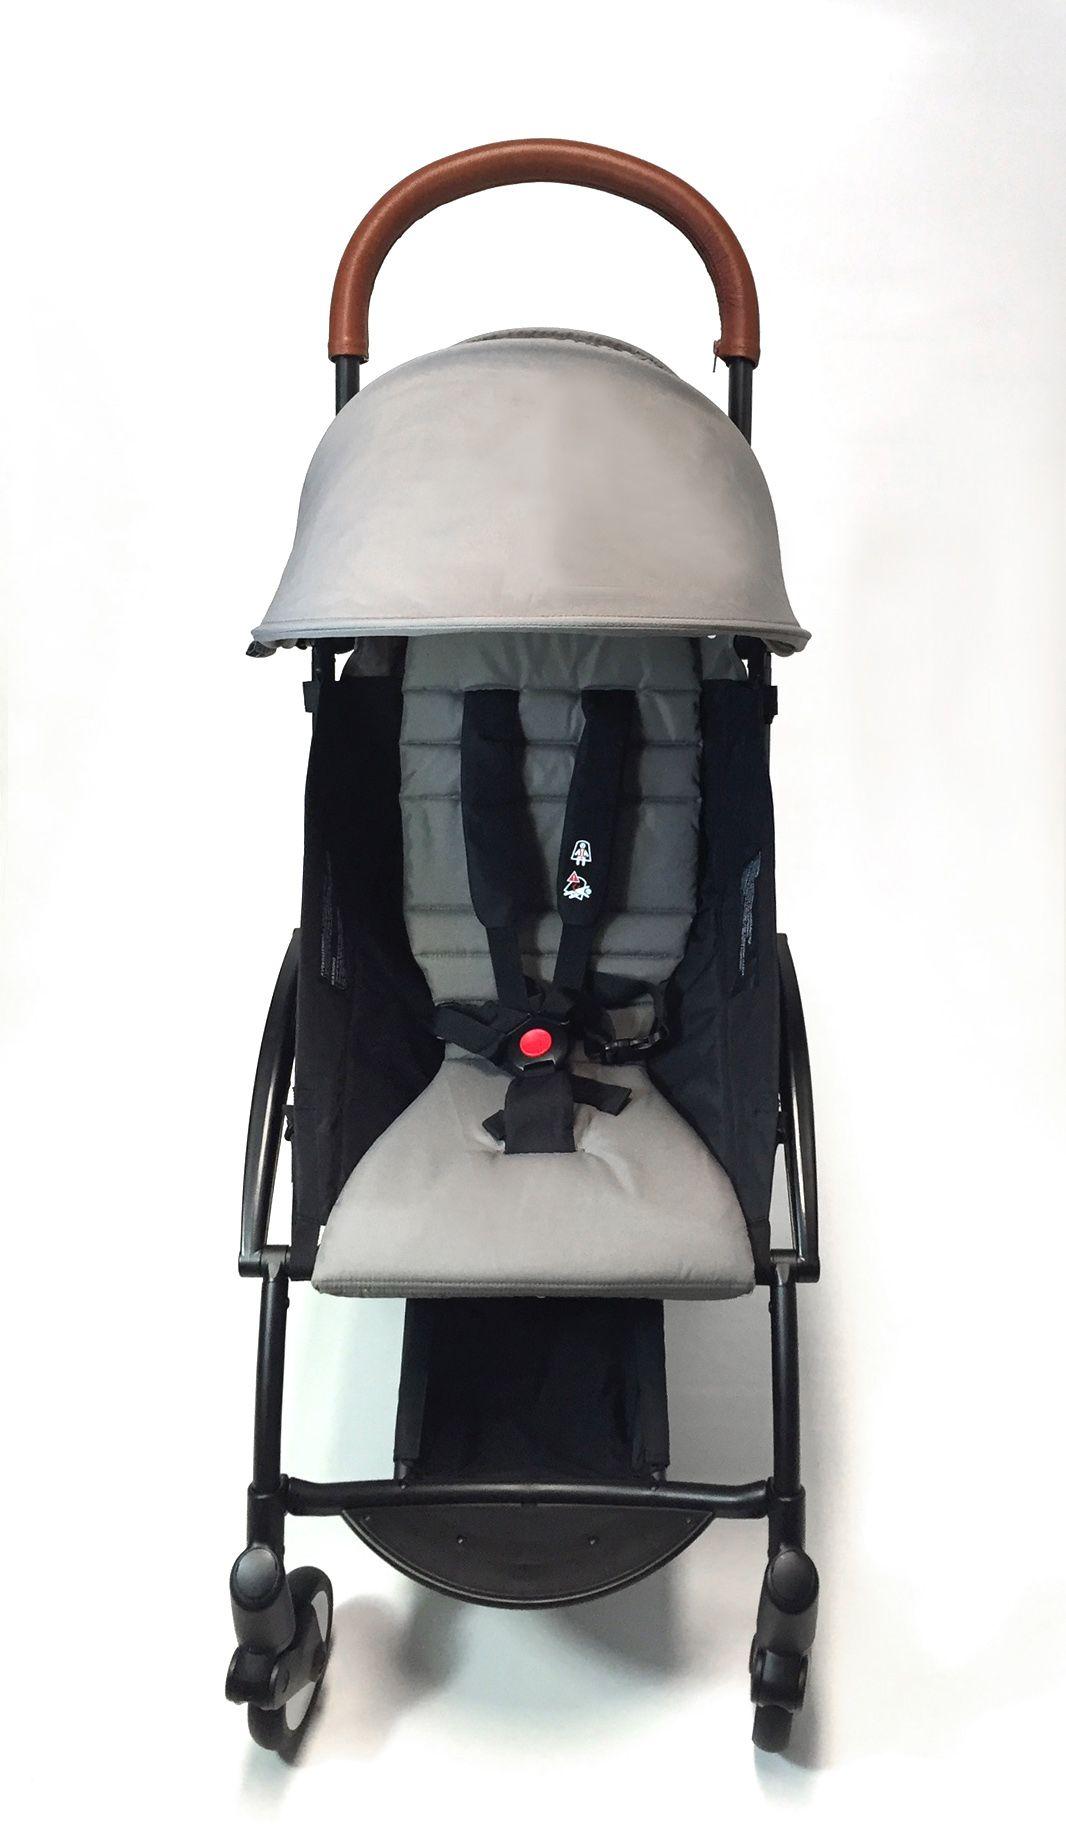 Babyzen Yoyo handle bar cover with zip › stylebug